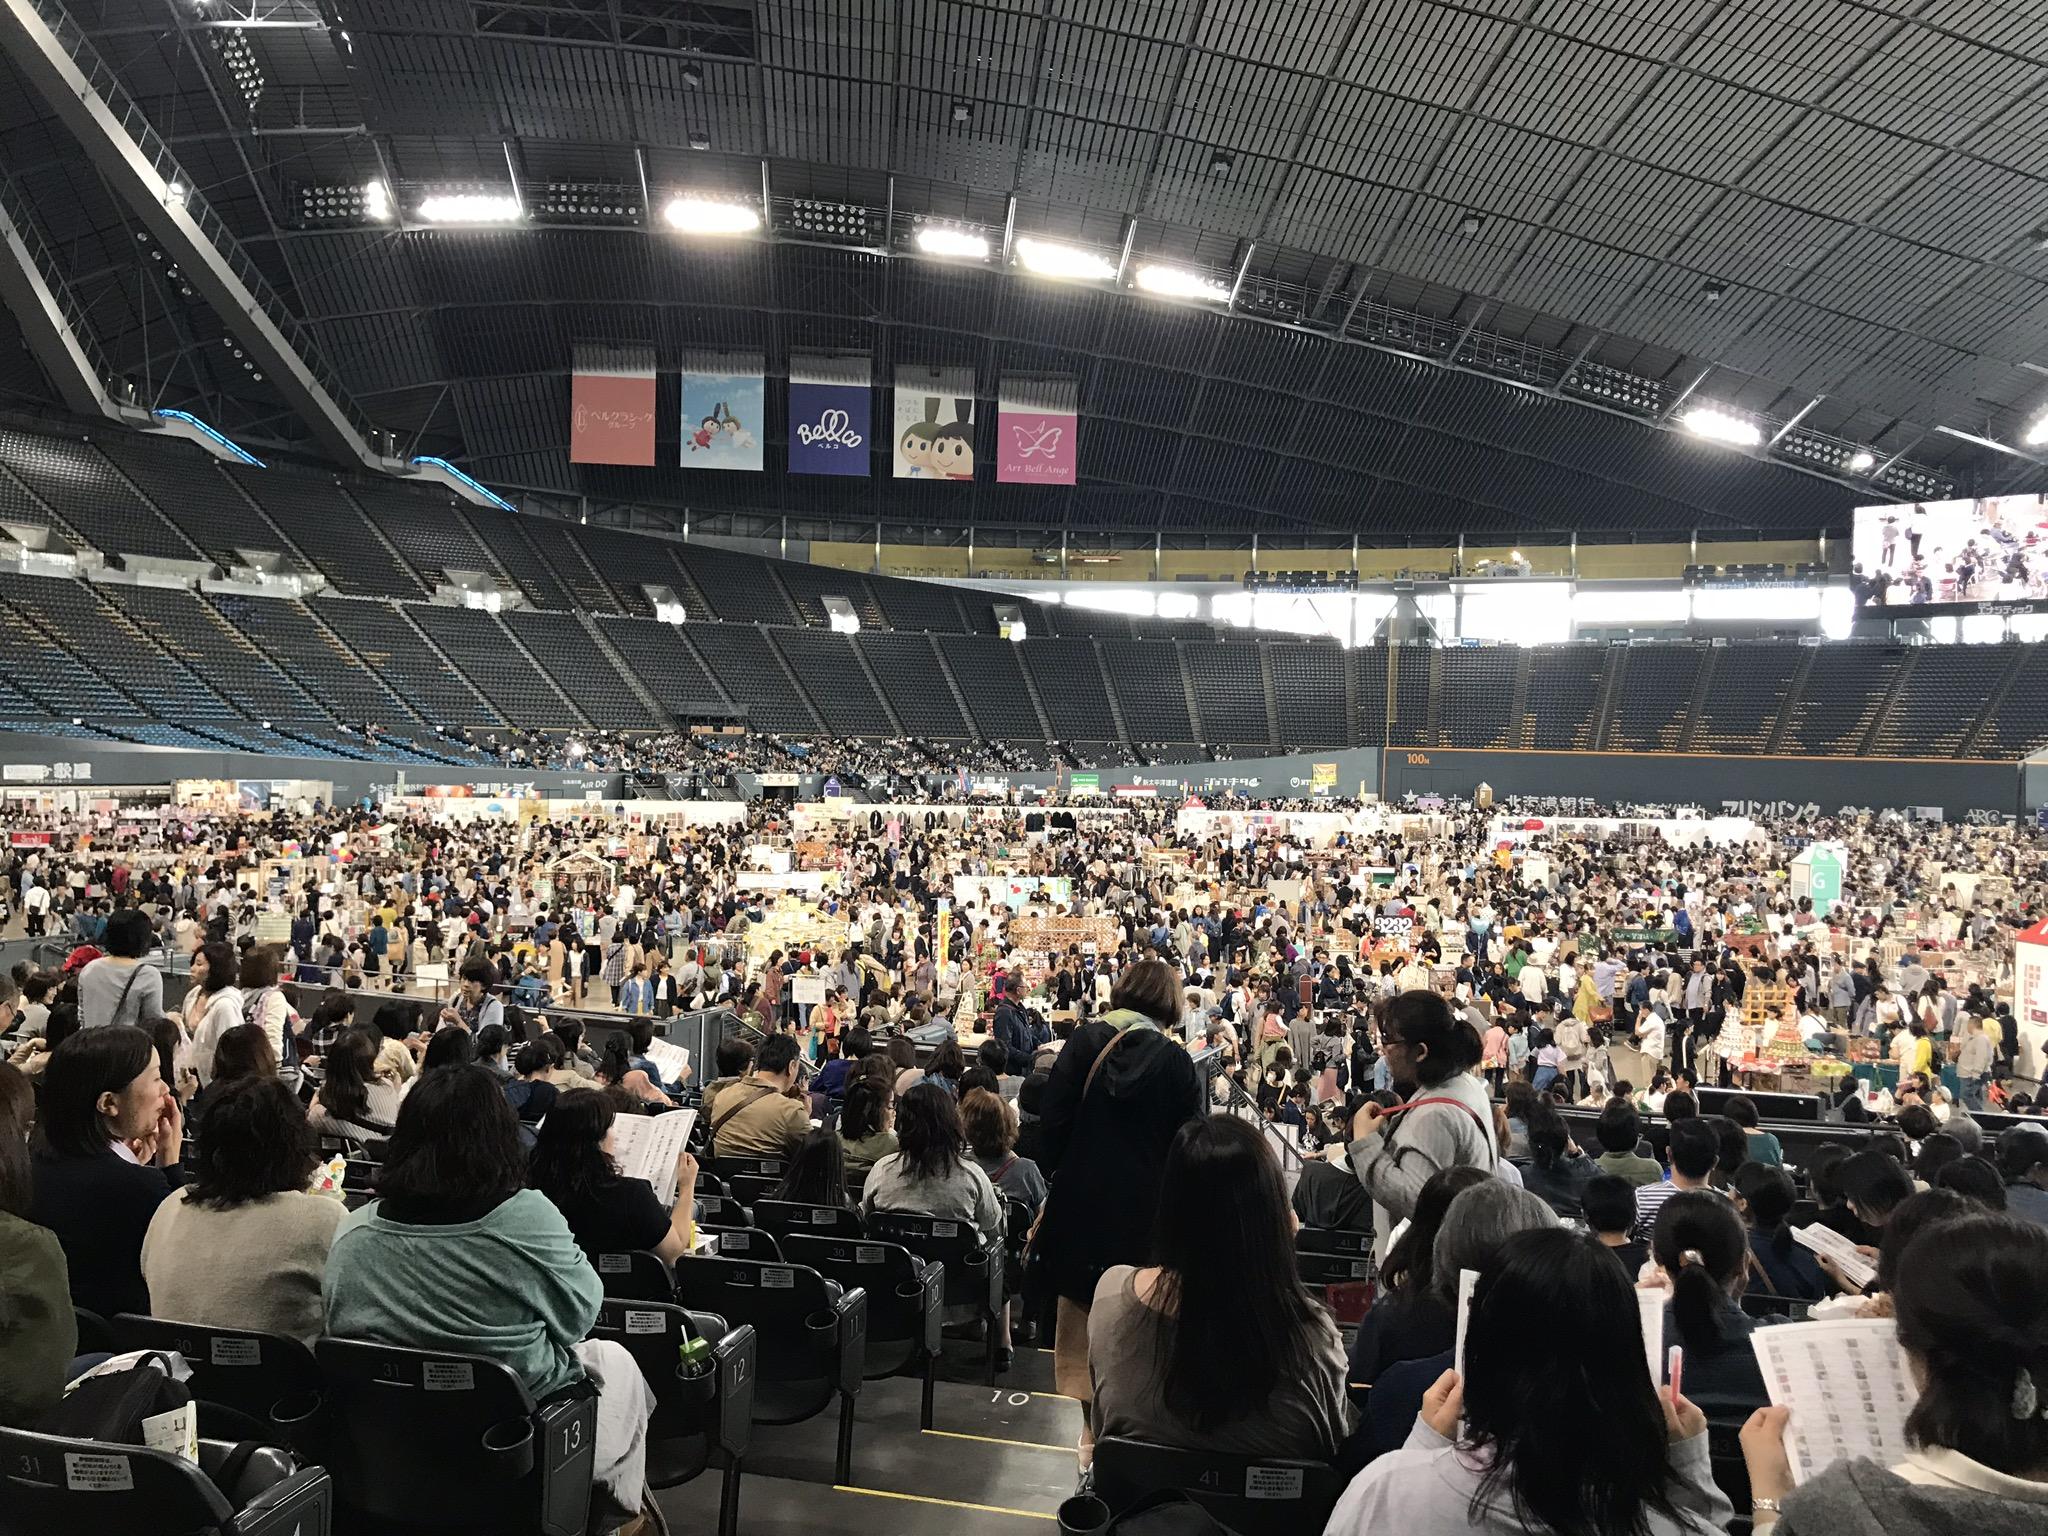 札幌ドーム満杯になる人たち